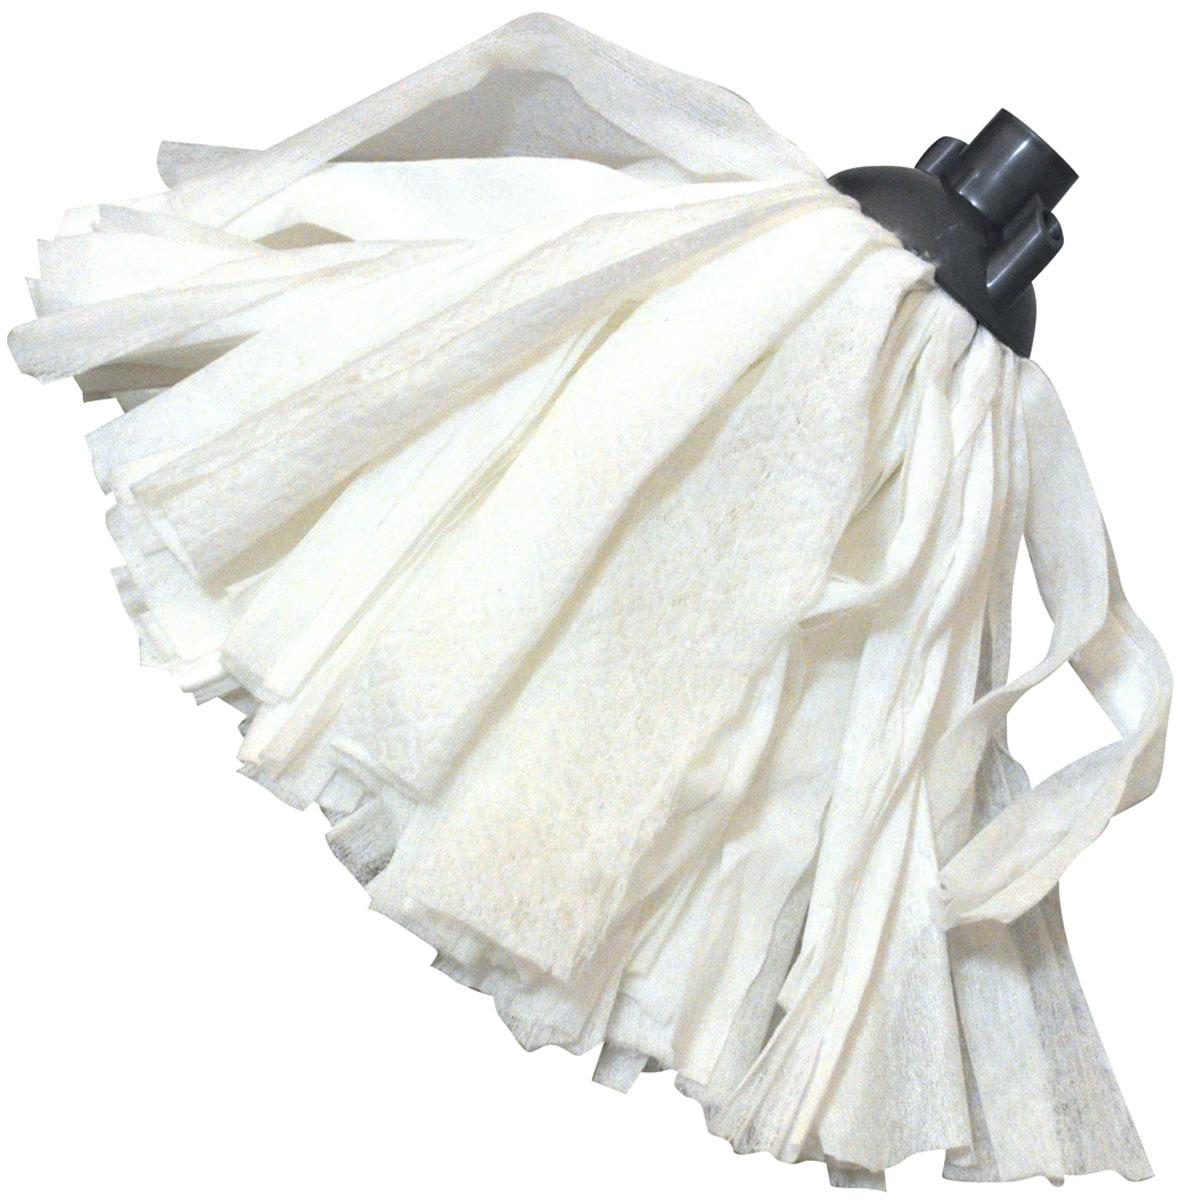 Насадка для швабры HomeQueen, цвет: белый. 57110 насадка губка для швабры homequeen чудо спонж сменная